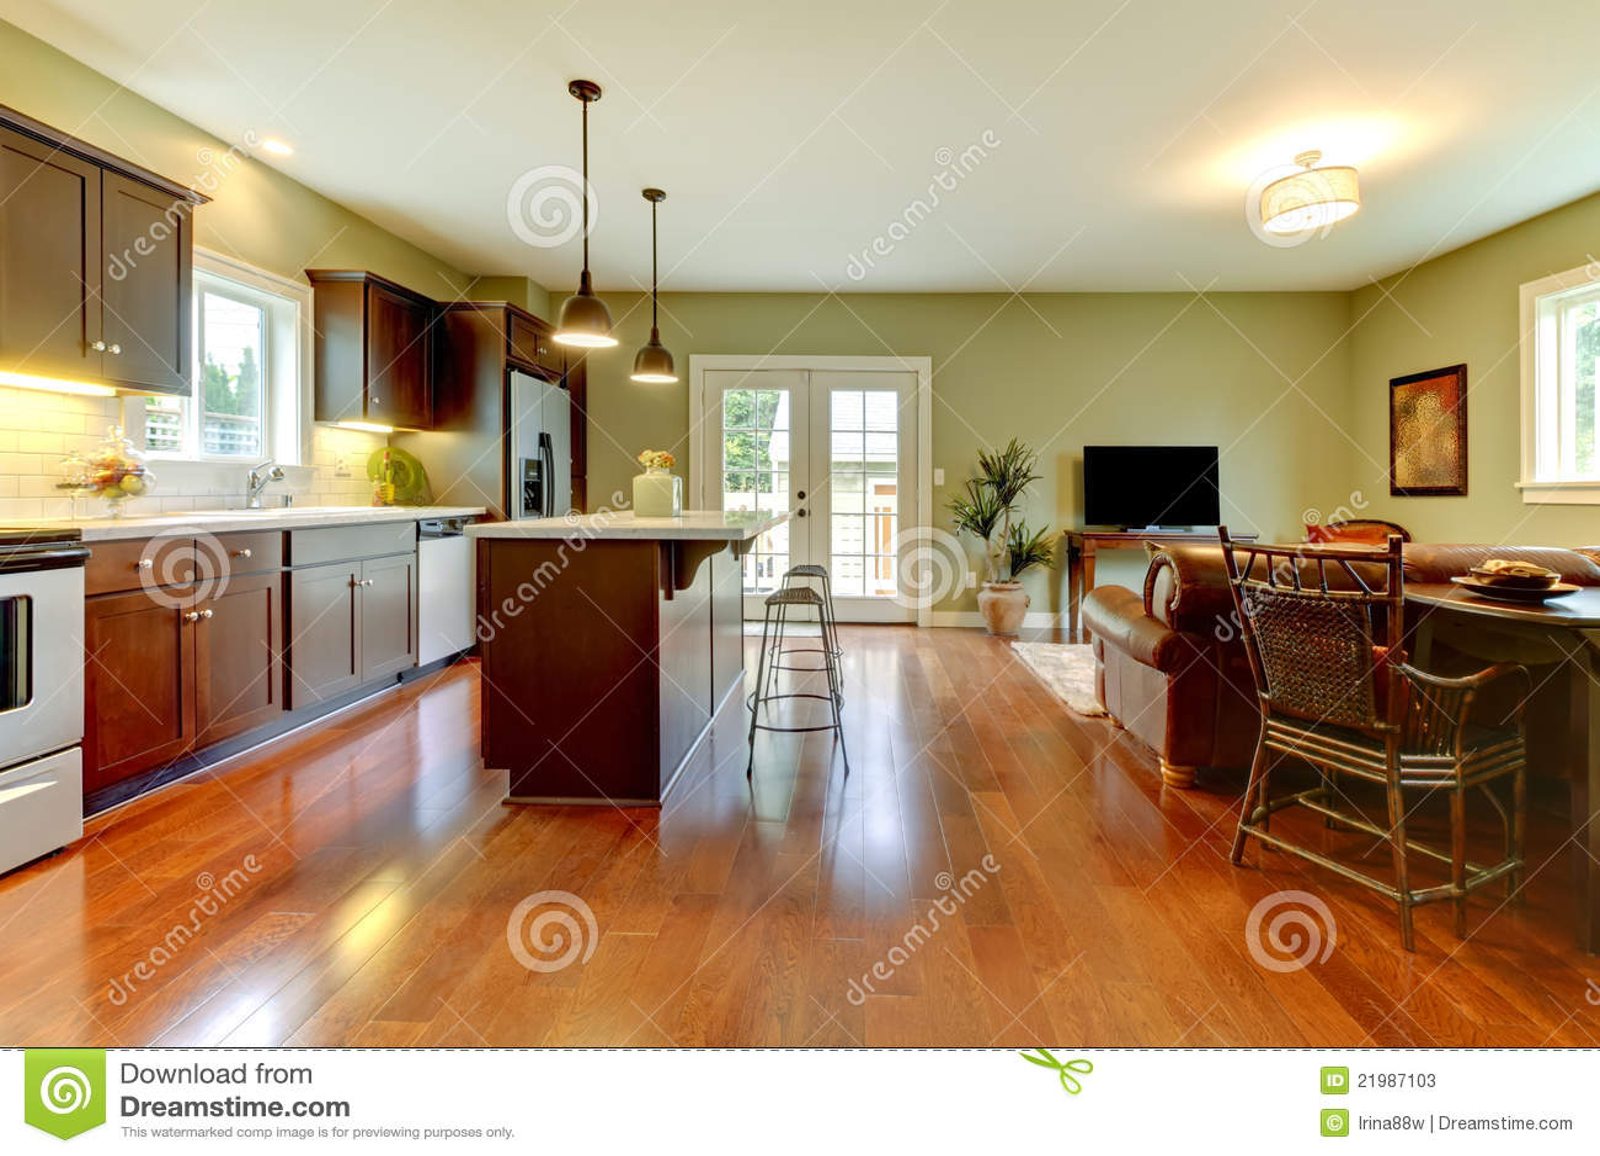 Moderne Küche Mit Kirschfußboden Und -wohnzimmer. Stockbild - Bild ...